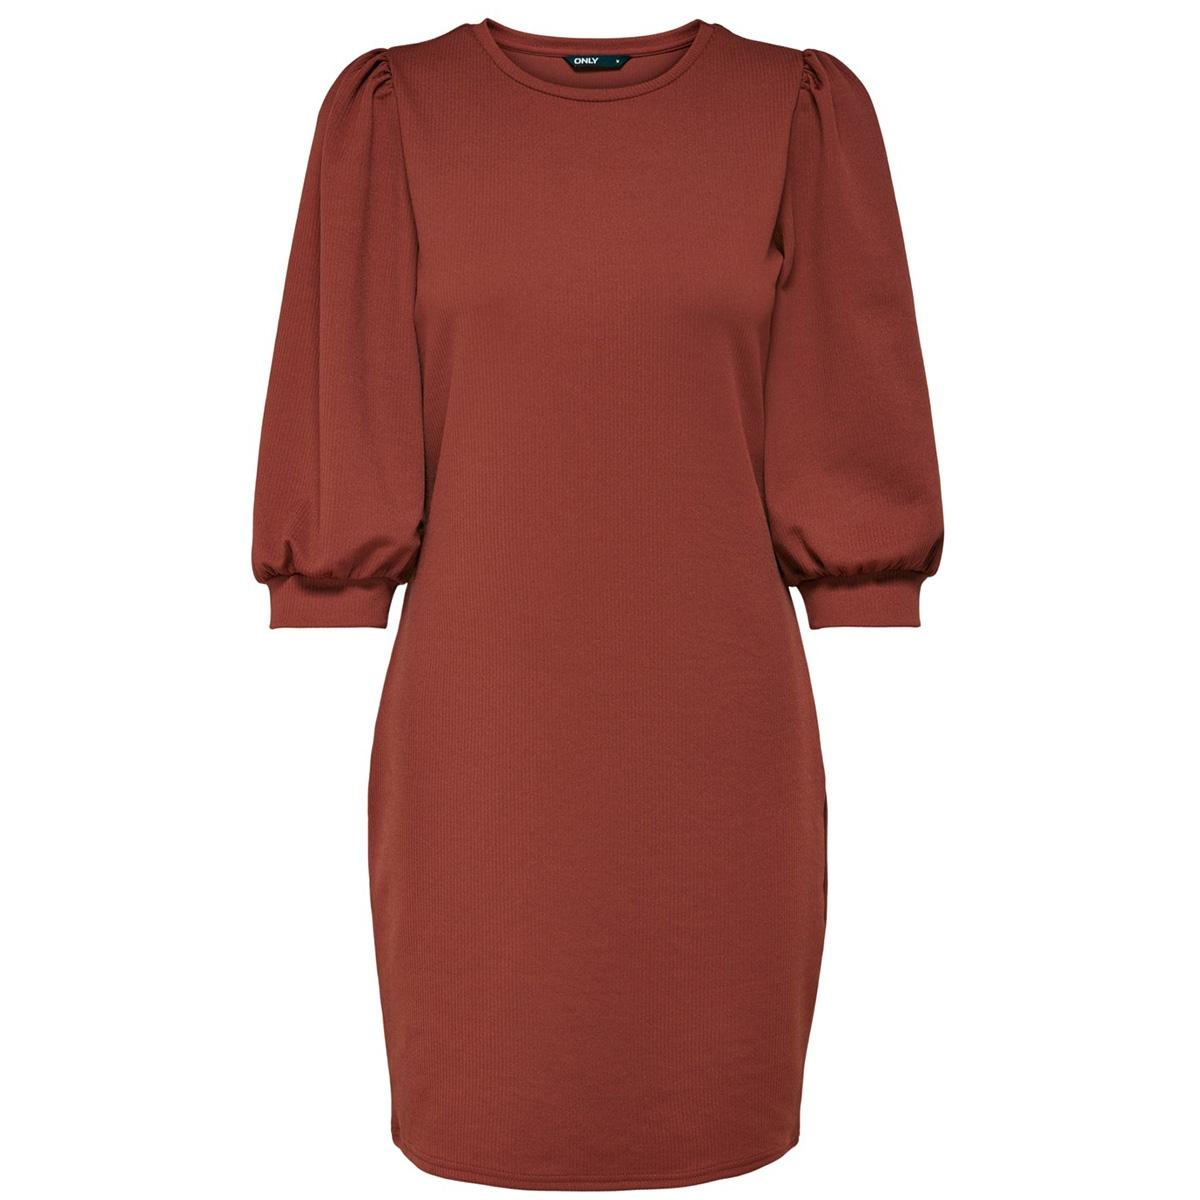 onllife 3/4 puff dress jrs 15216865 only jurk burnt henna